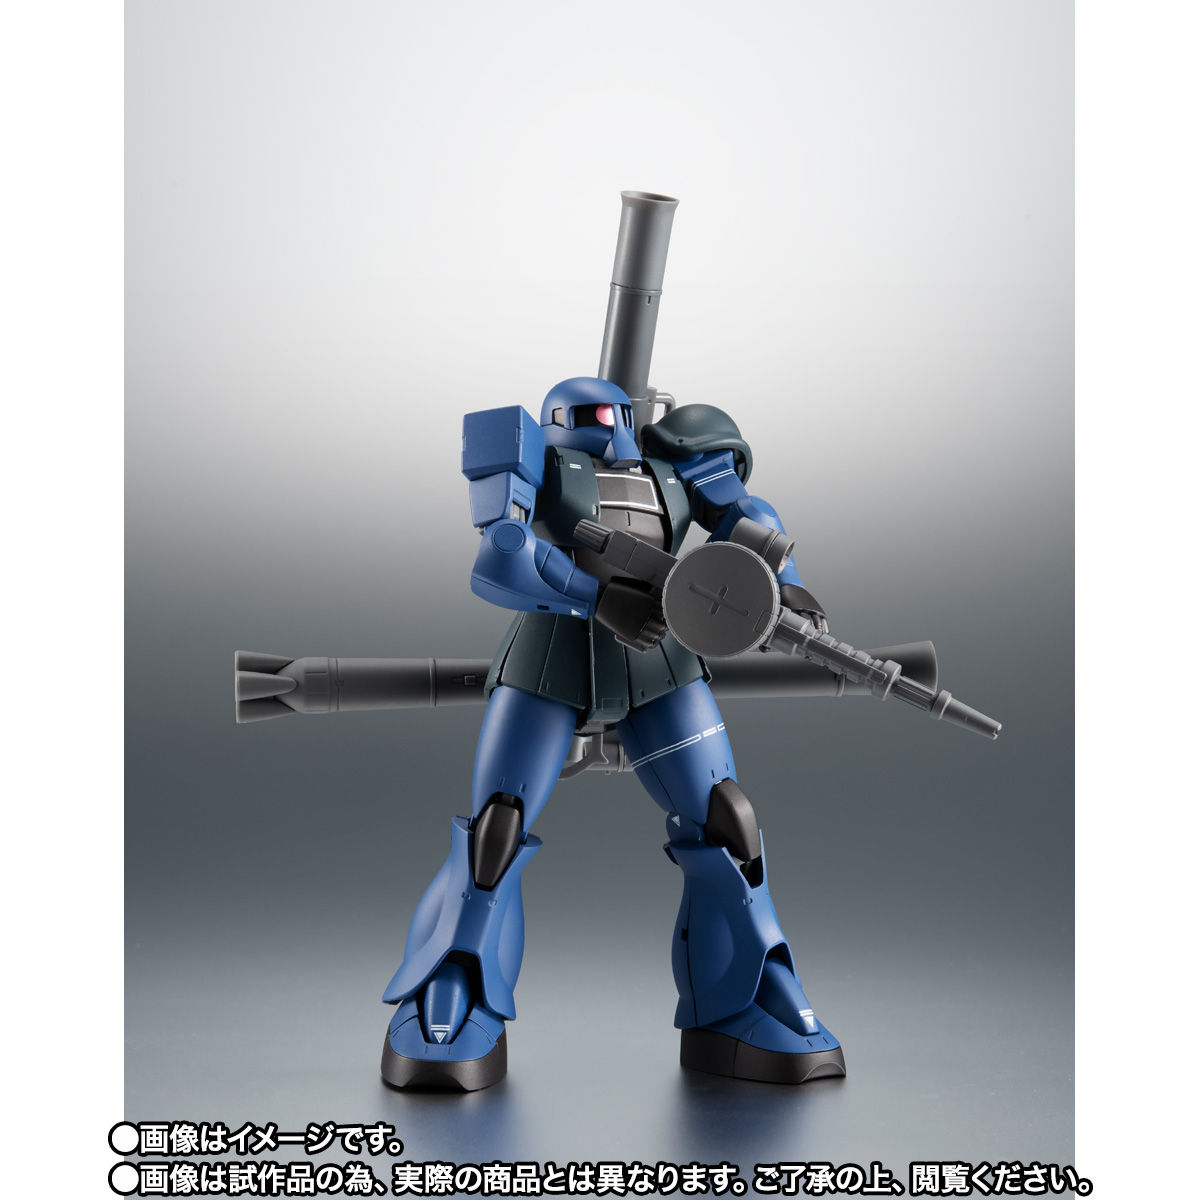 【限定販売】ROBOT魂〈SIDE MS〉『MS-05B 旧ザク ver. A.N.I.M.E. ~黒い三連星~』ガンダム 可動フィギュア-009